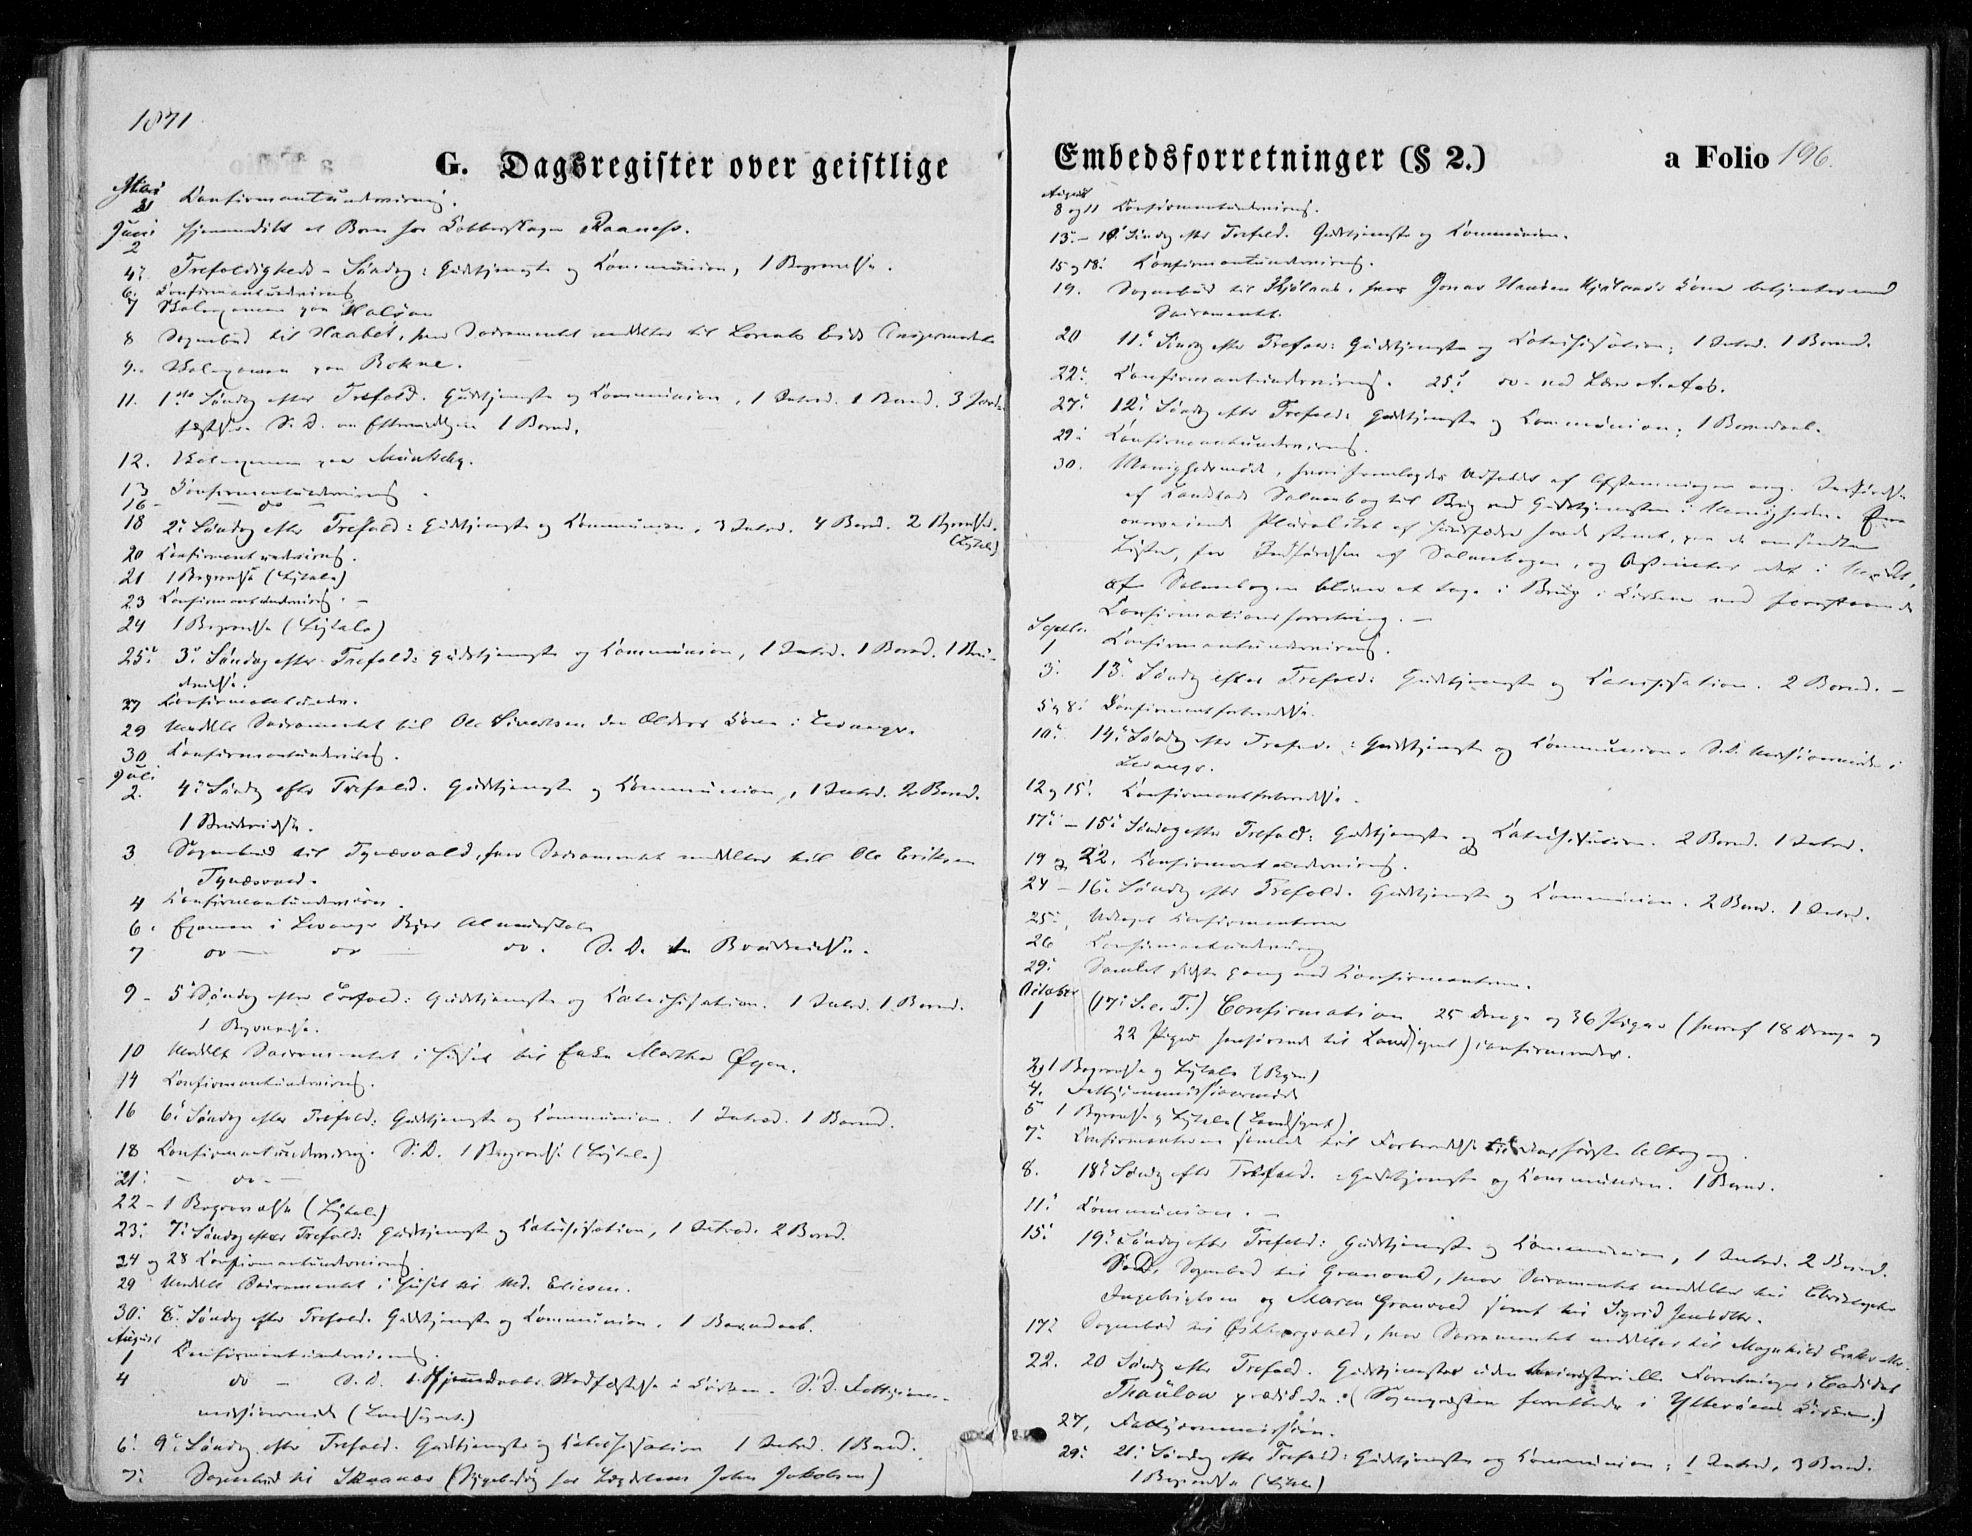 SAT, Ministerialprotokoller, klokkerbøker og fødselsregistre - Nord-Trøndelag, 721/L0206: Ministerialbok nr. 721A01, 1864-1874, s. 196